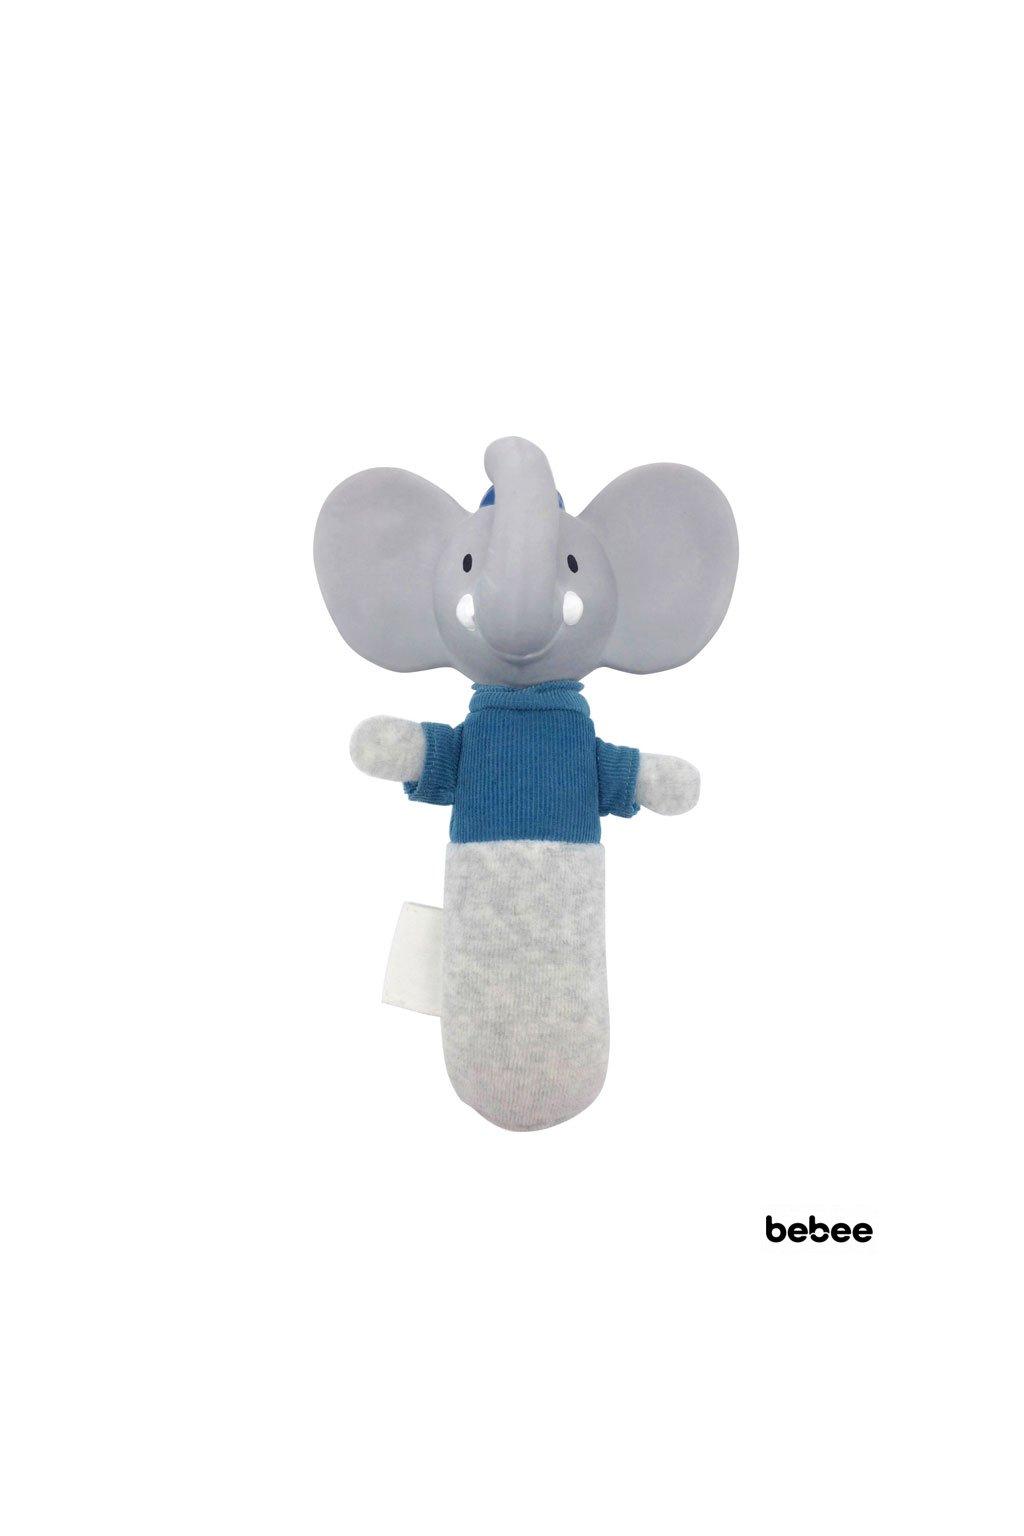 Piskatko hryzatko slonik Alvin Meiya&Alvin